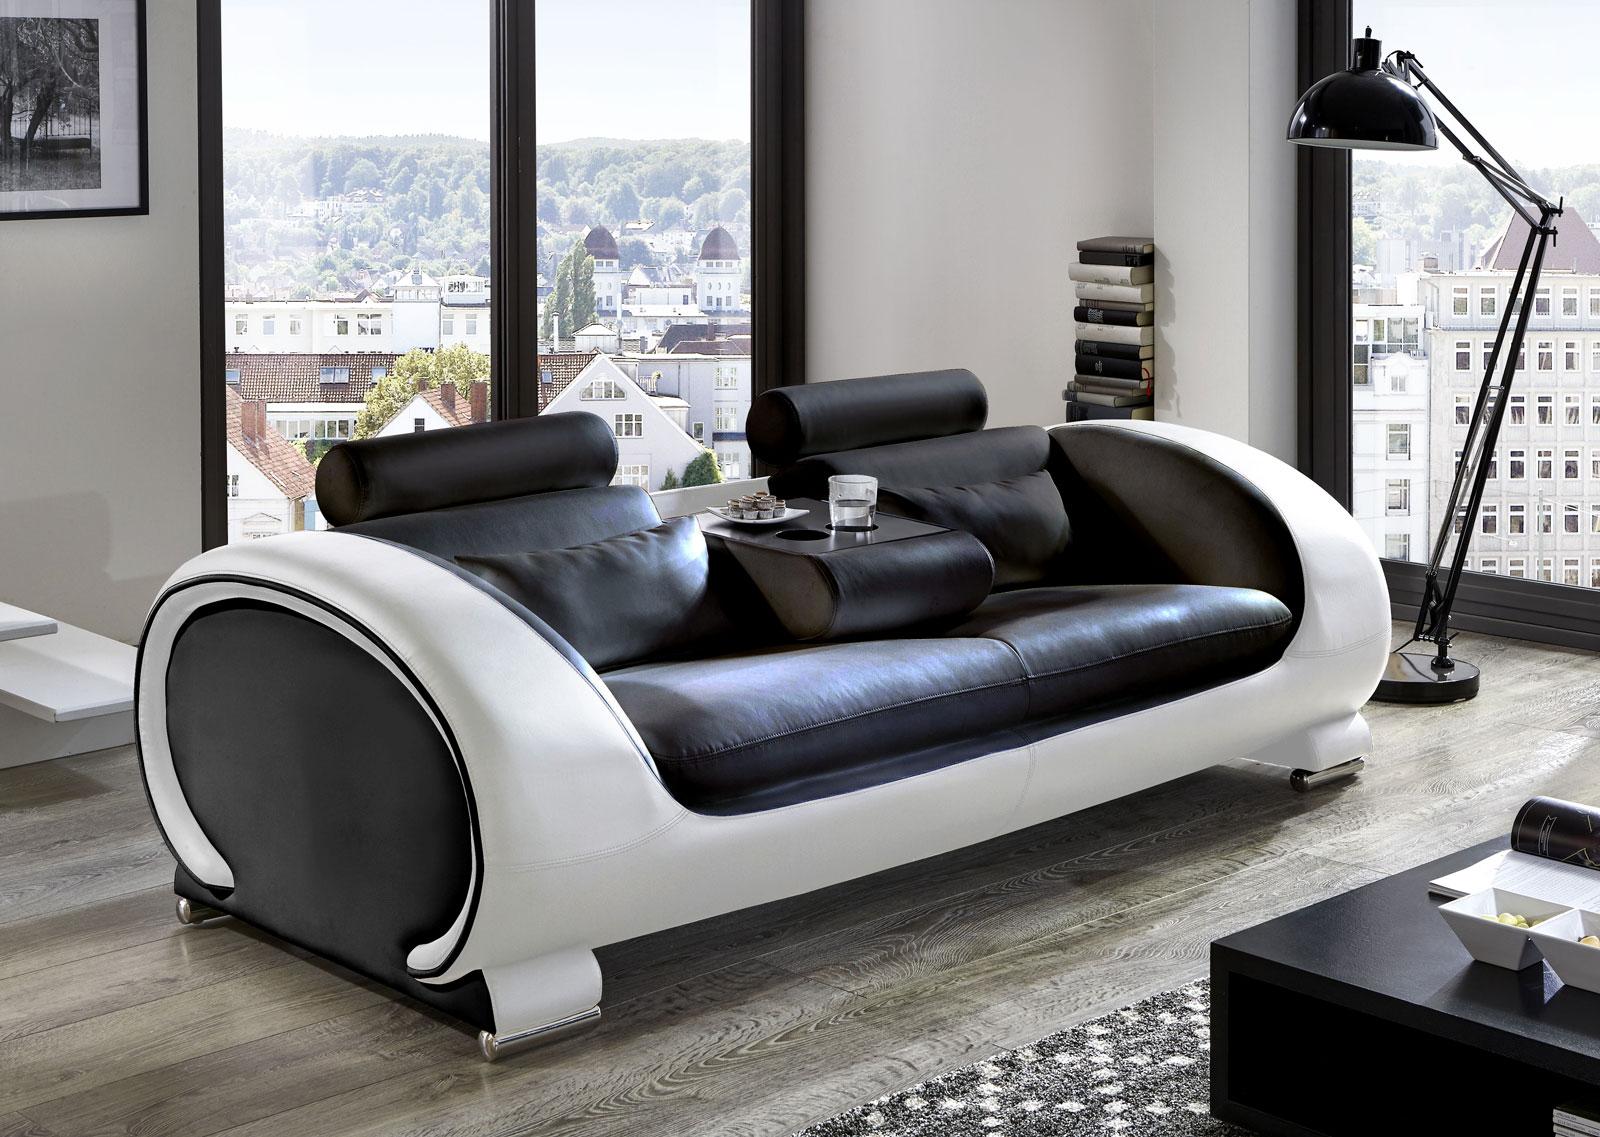 80 wohnzimmergarnitur 3 2 1 wohnzimmergarnitur 3 2. Black Bedroom Furniture Sets. Home Design Ideas